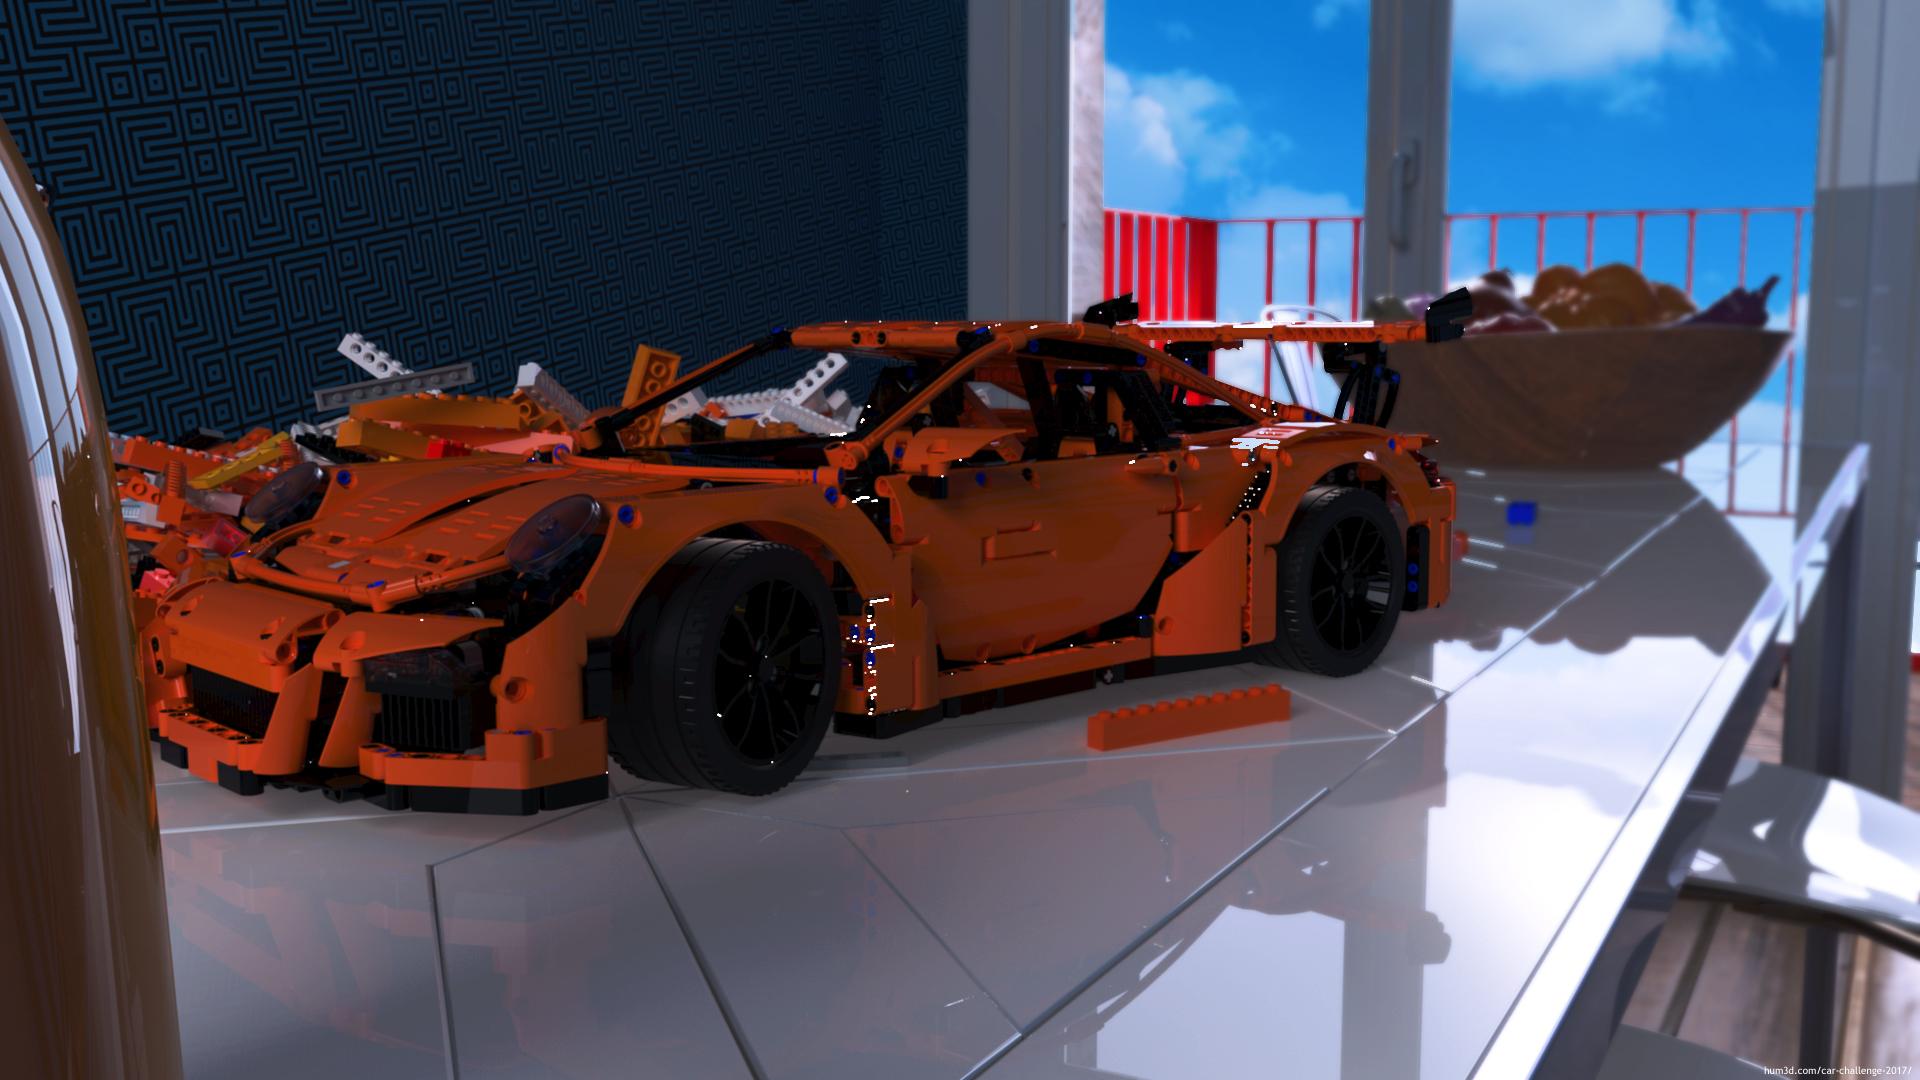 Porsche 911 GT3 RS lego race car 3d art